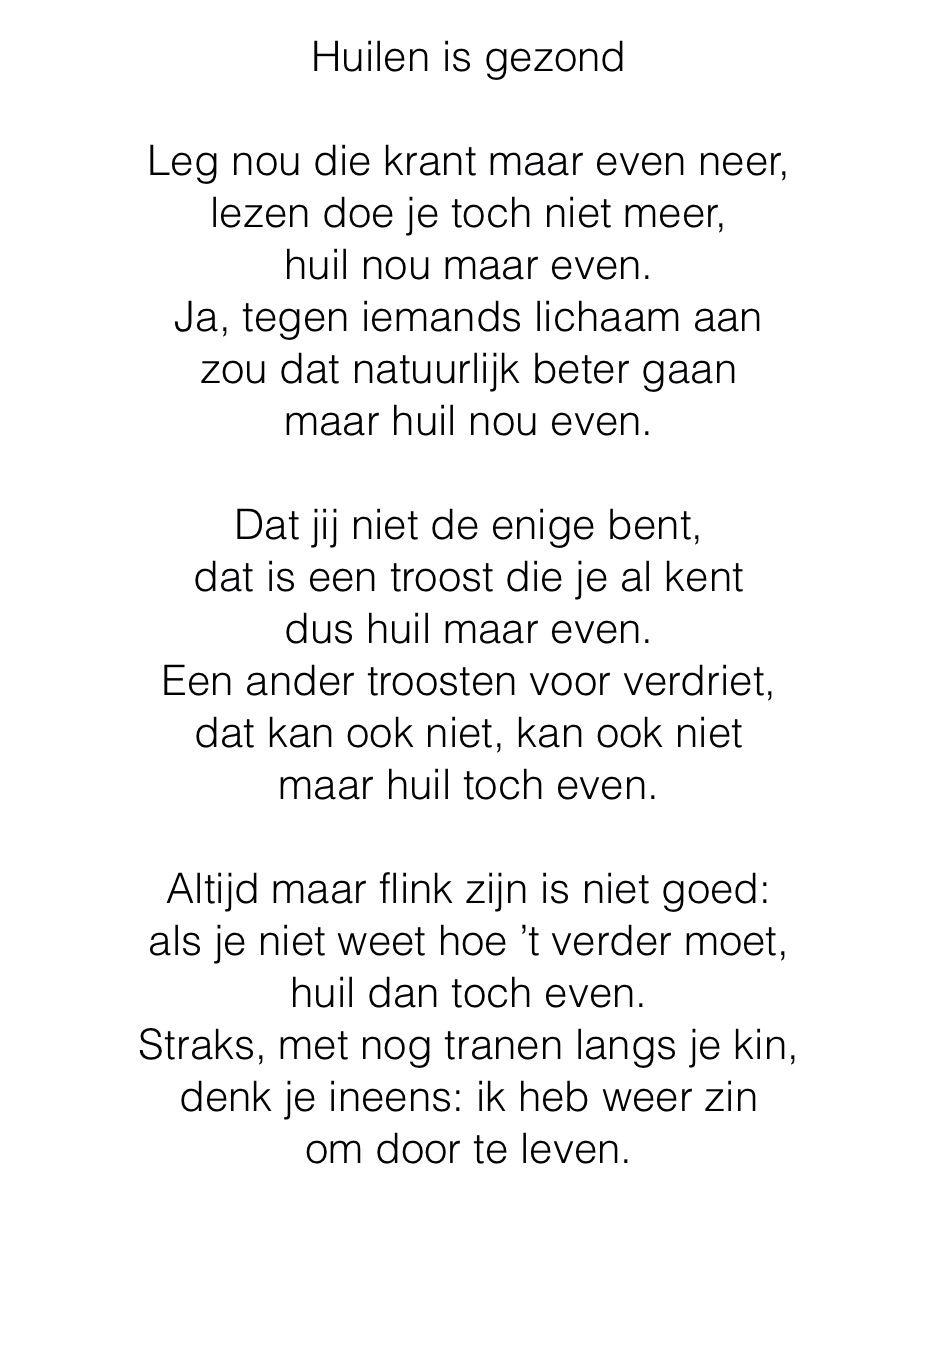 Genoeg Bijzonder gedicht van Willem Wilmink. Ontvangen van mijn vriendin @AW85